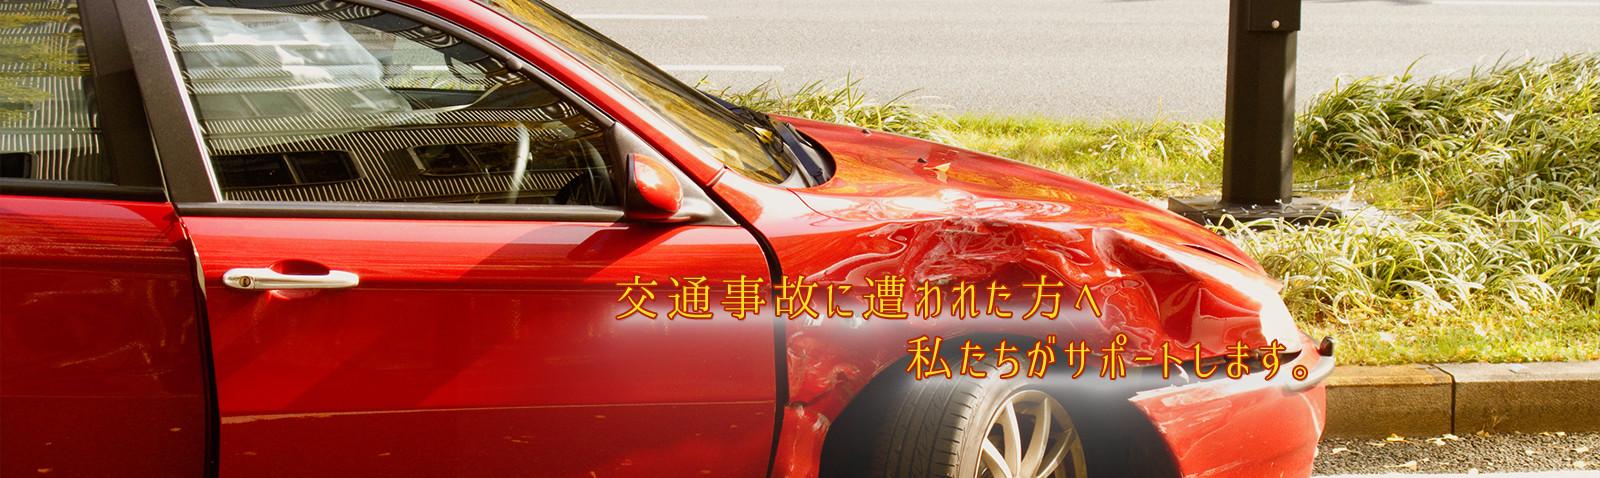 交通事故に遭われた方へ私たちがサポートします。